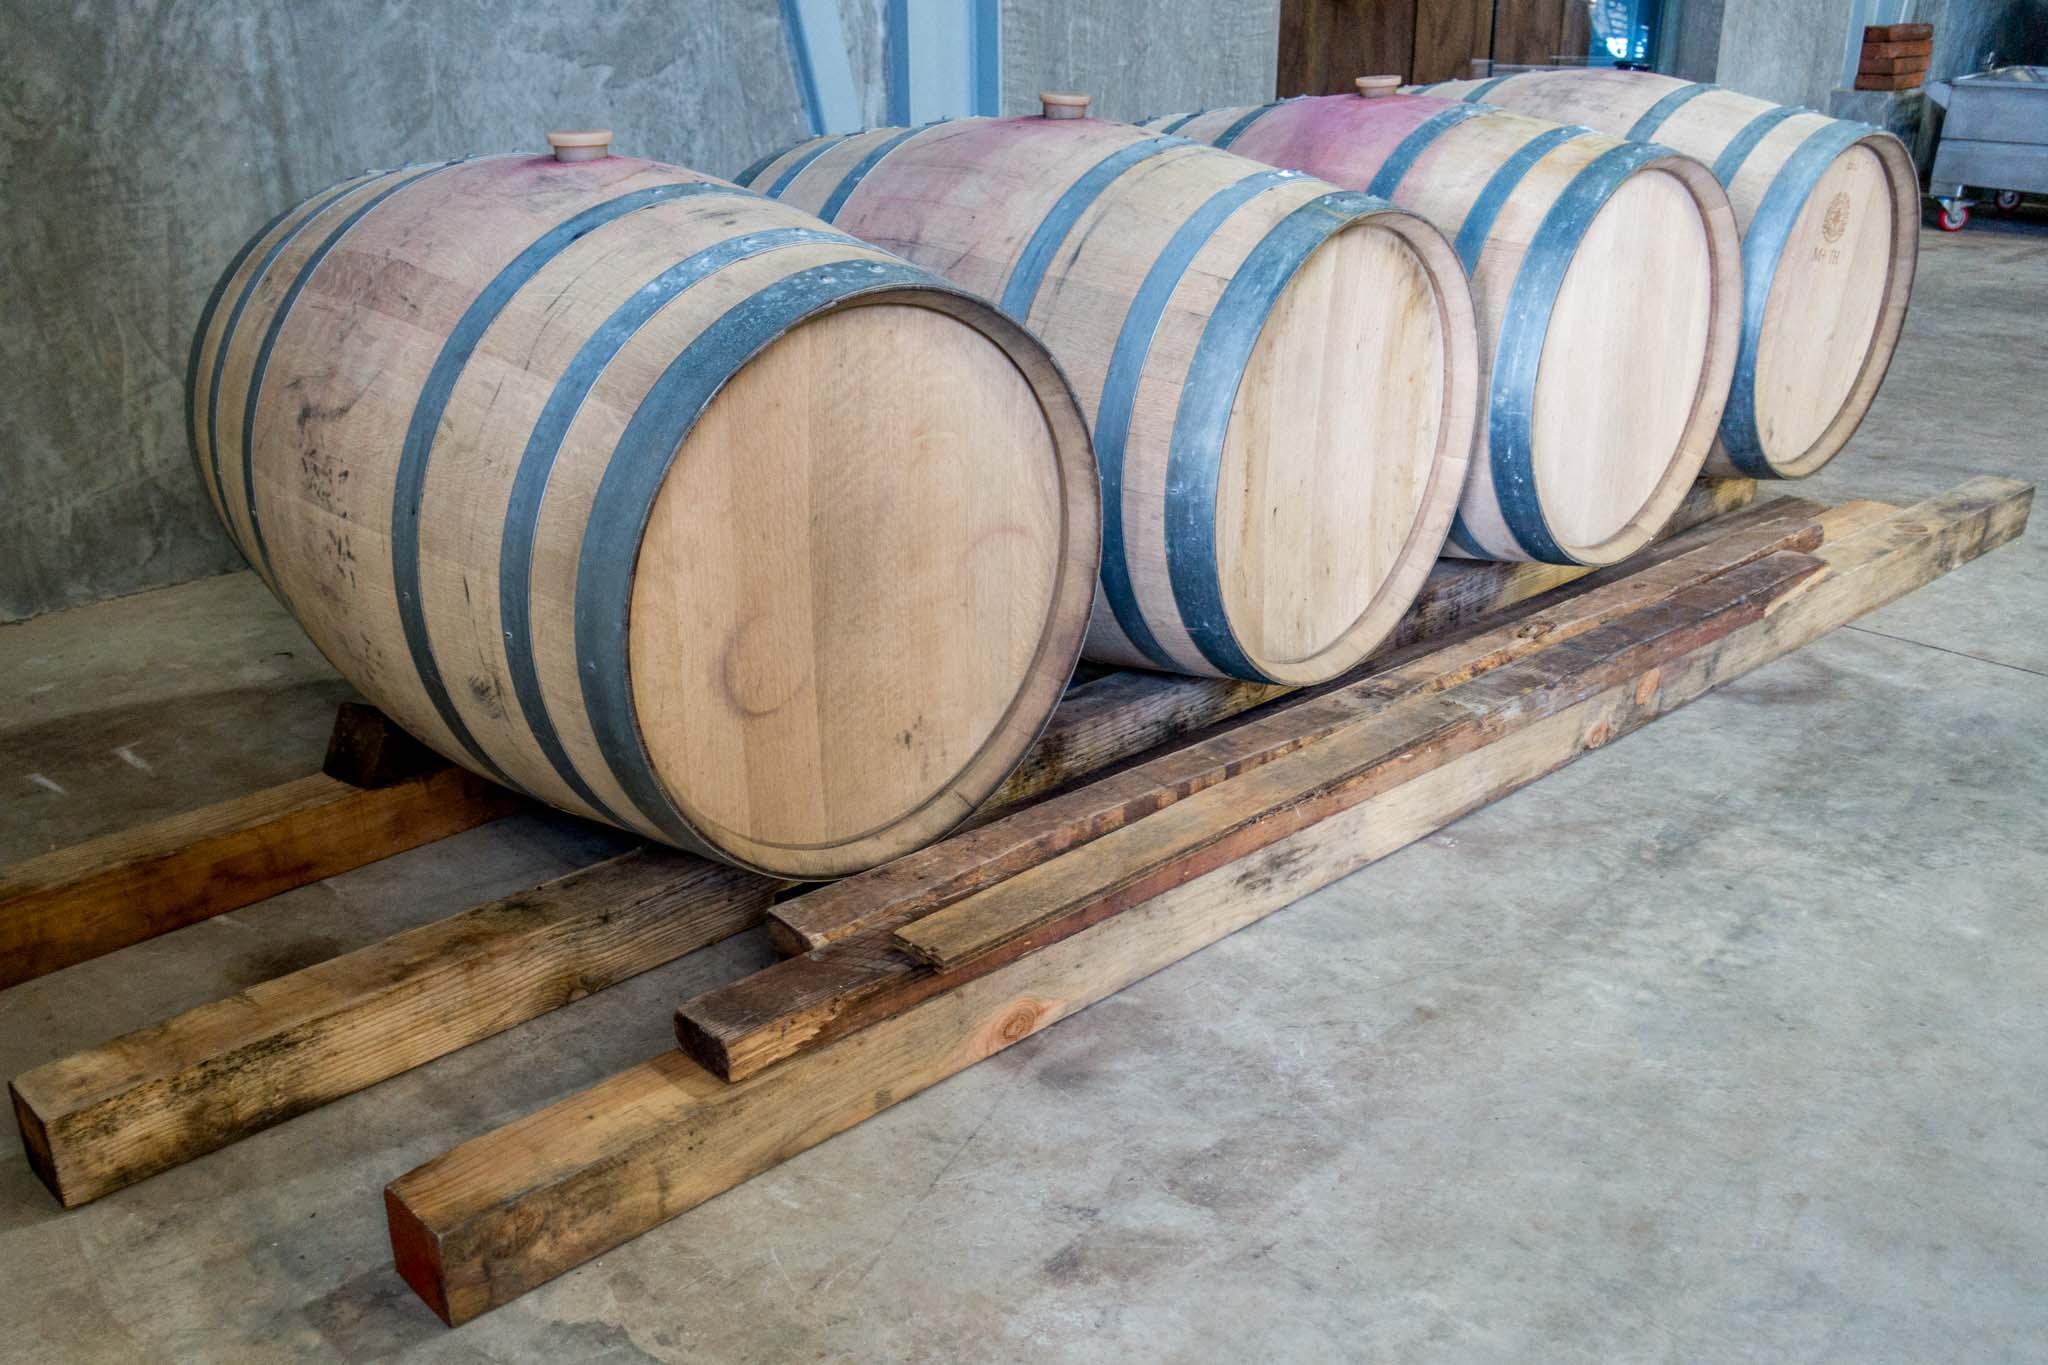 Aging barrels at Finca la Carrodilla in the Ensenada wine country.